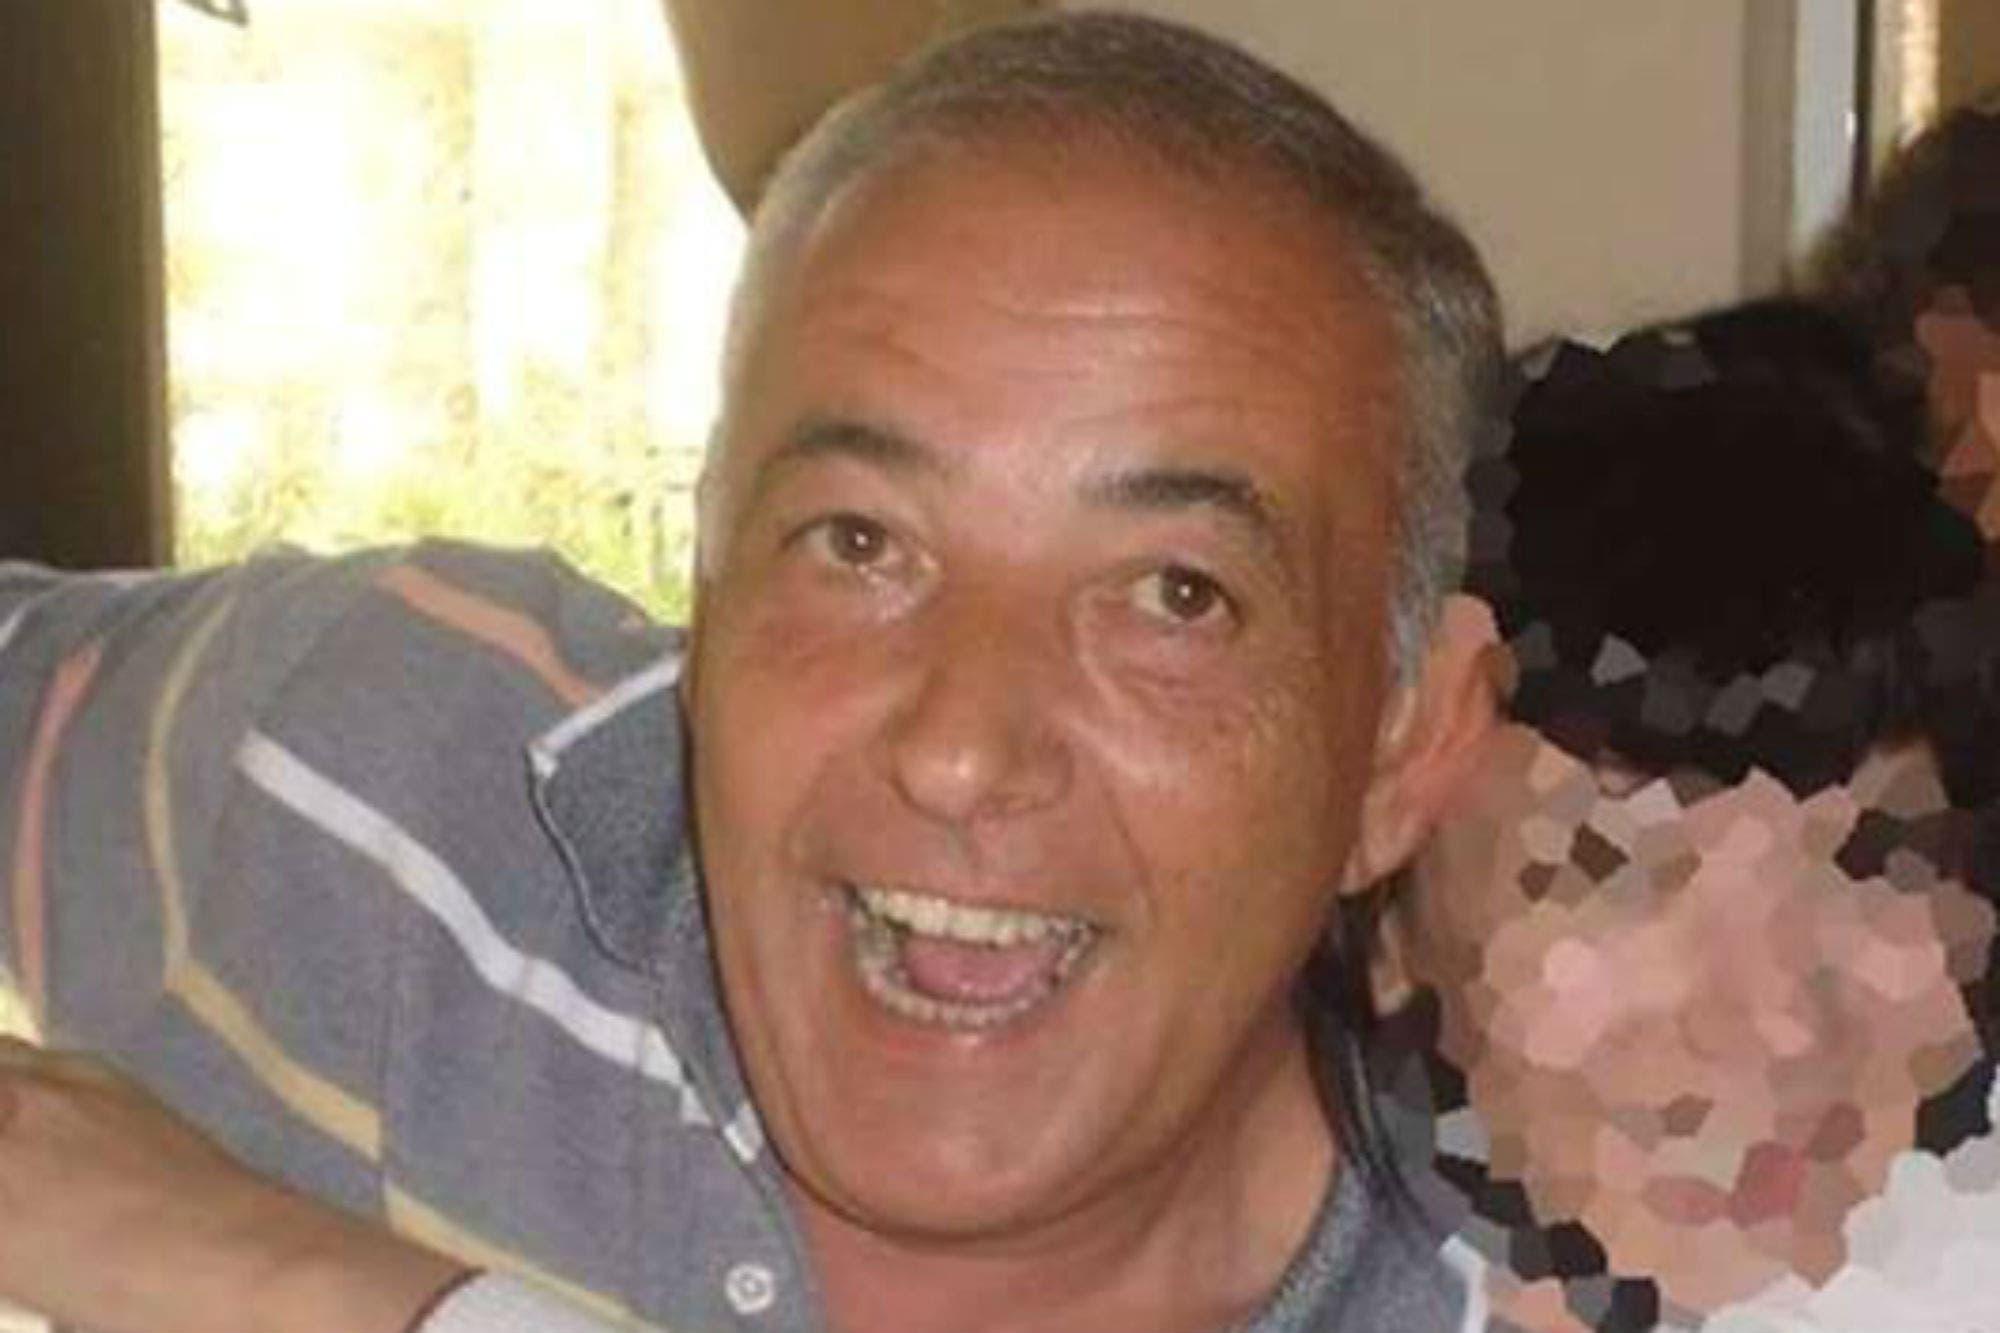 Apareció muerto un funcionario de Quilmes que había denunciado a un dirigente de la UOM